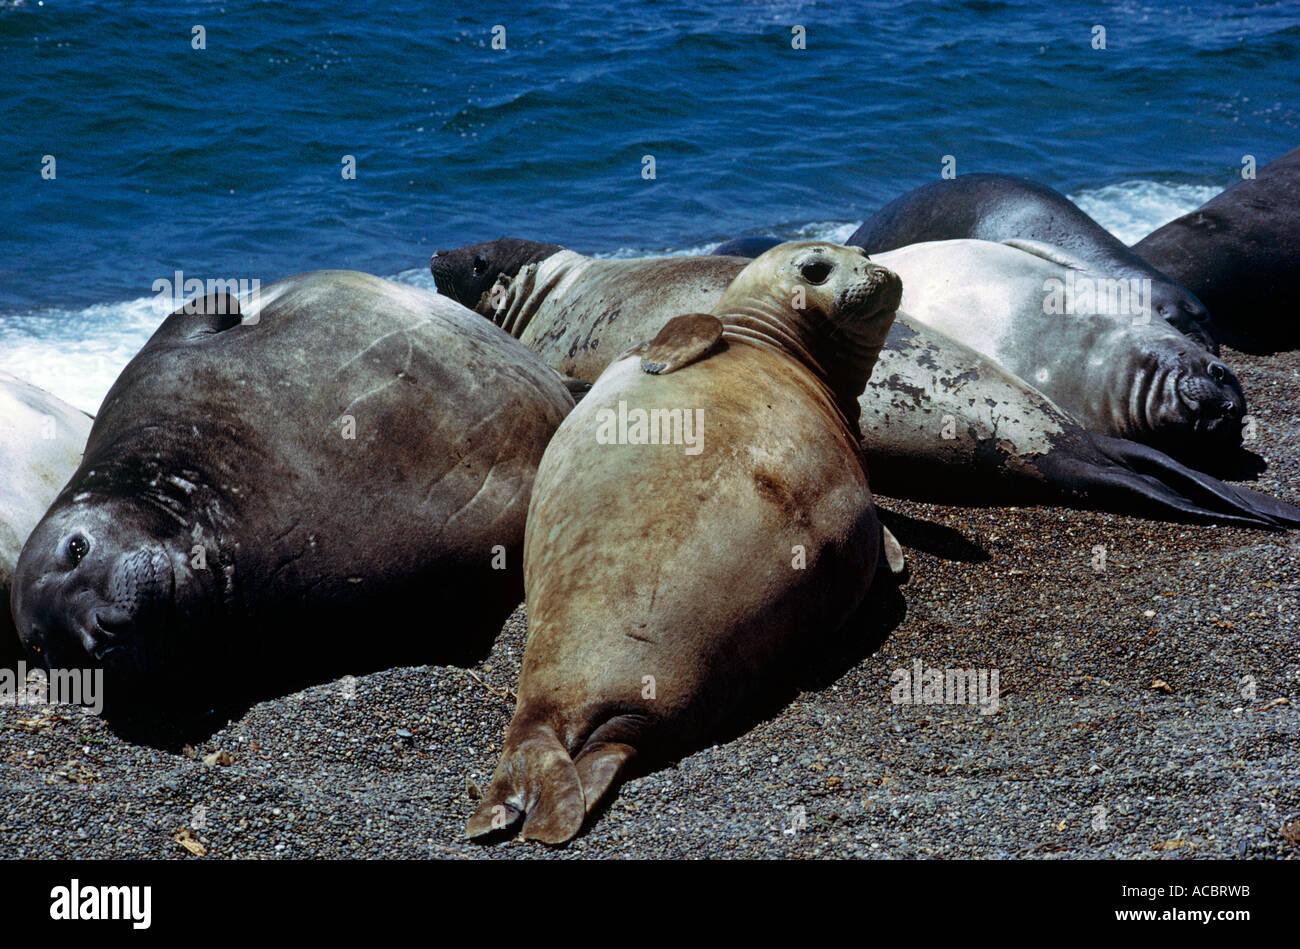 südlichen See-Elefanten Mirounga Leonina Bereich des südlichen Pazifik und Subantarktis Stockbild